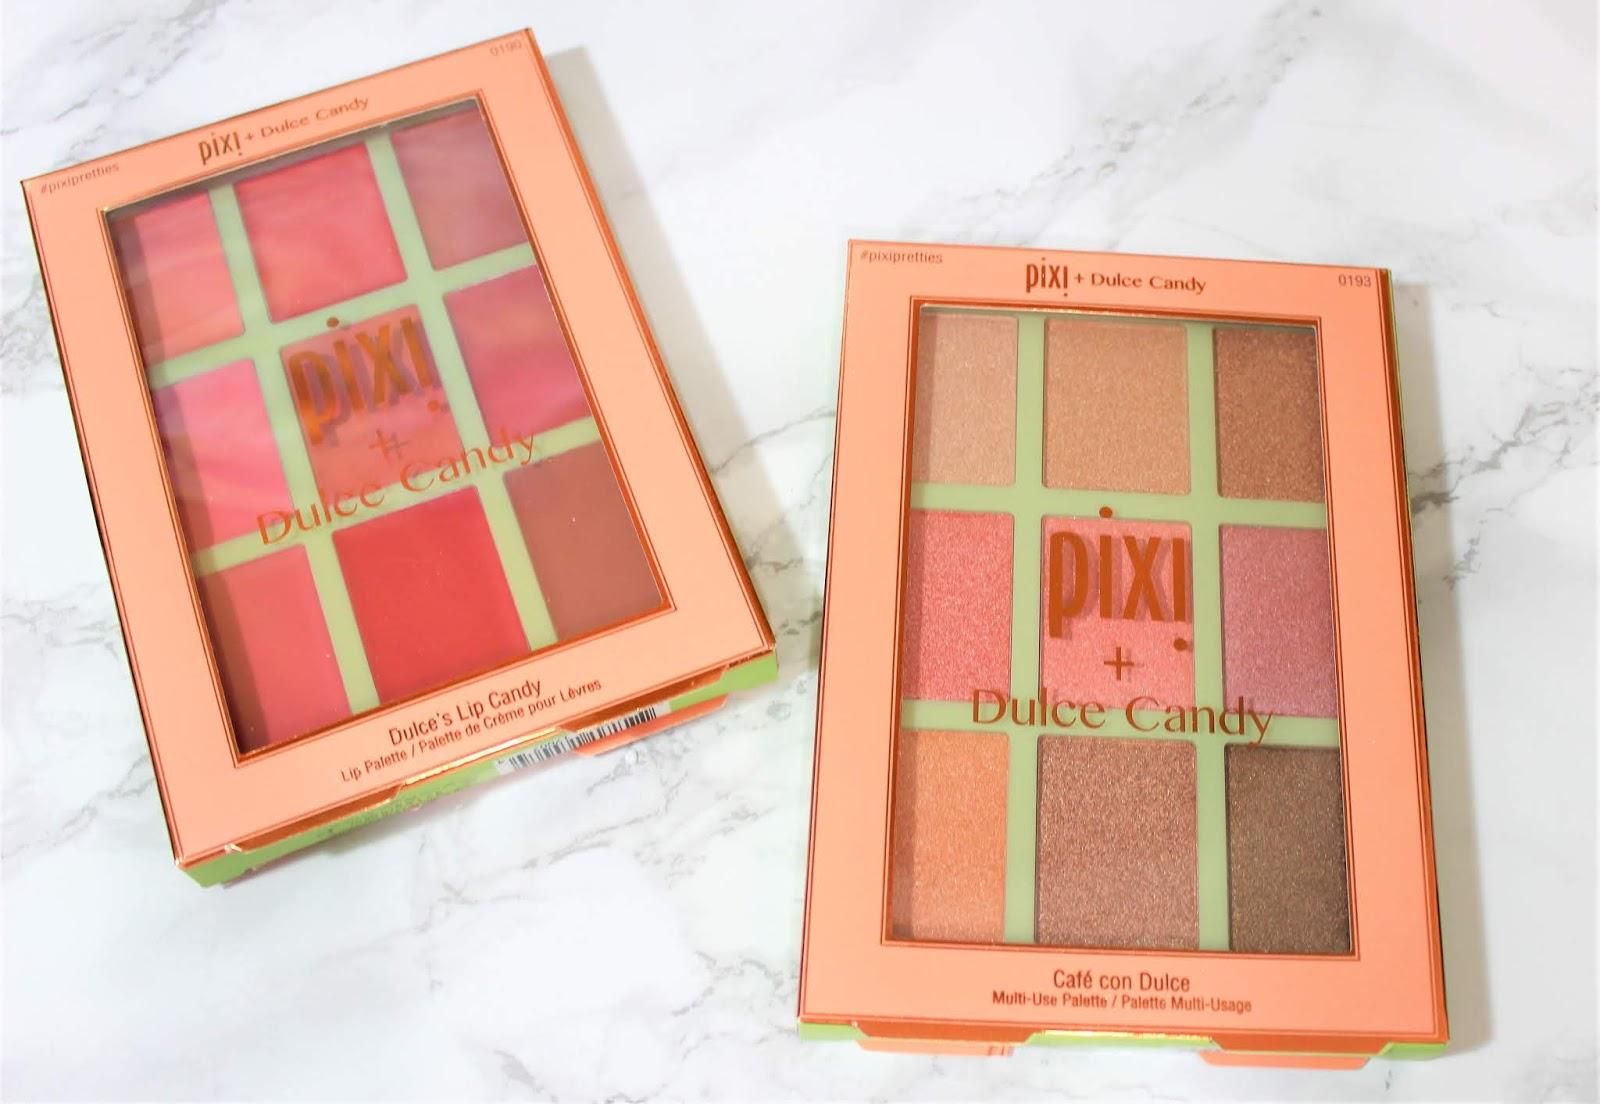 Pixi X Dulce Candy